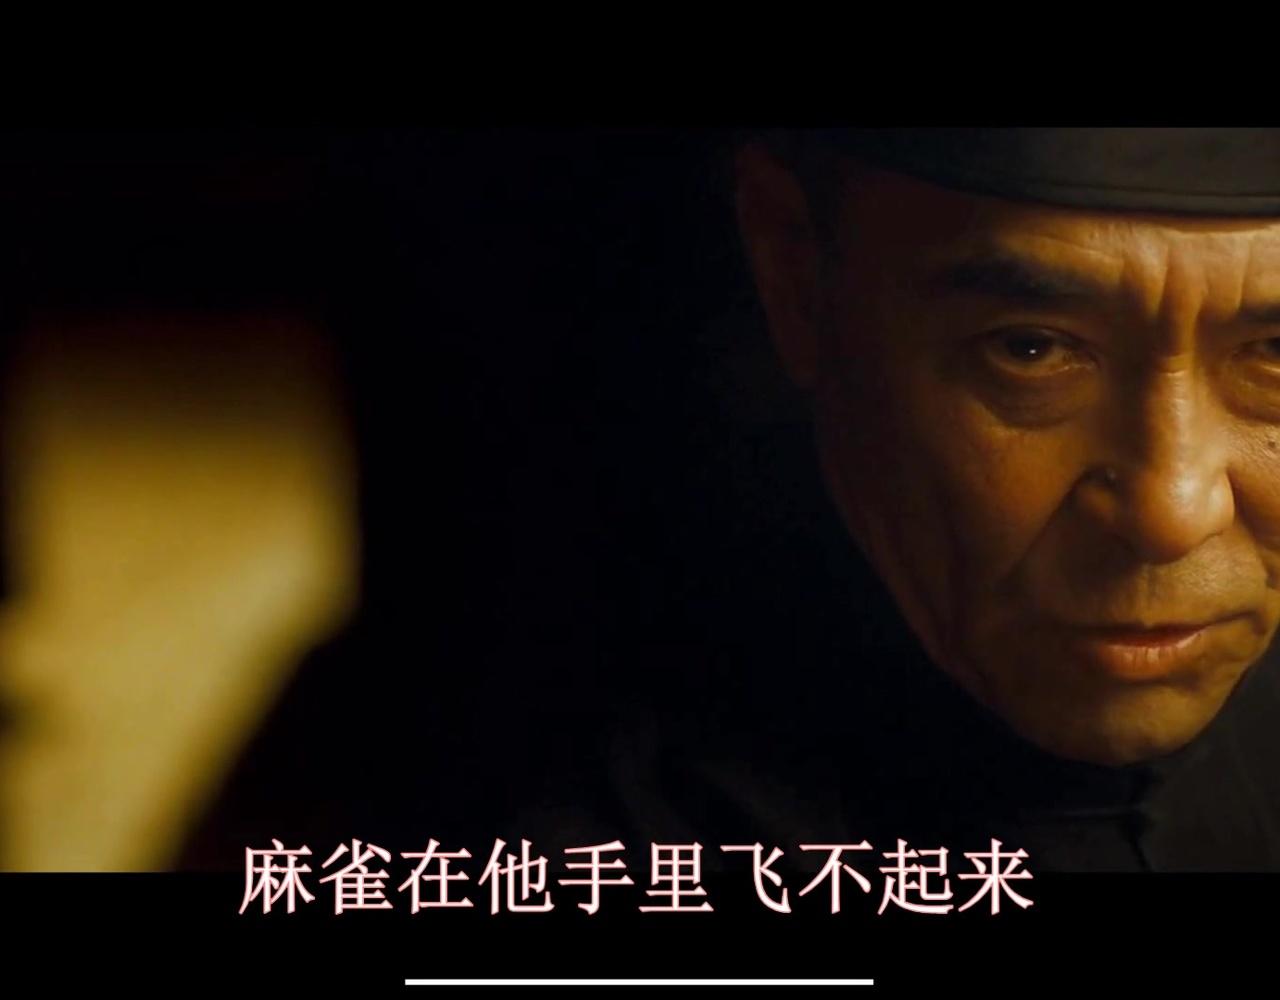 追剧侠正序解说《一代宗师-叶问的一生》(上)